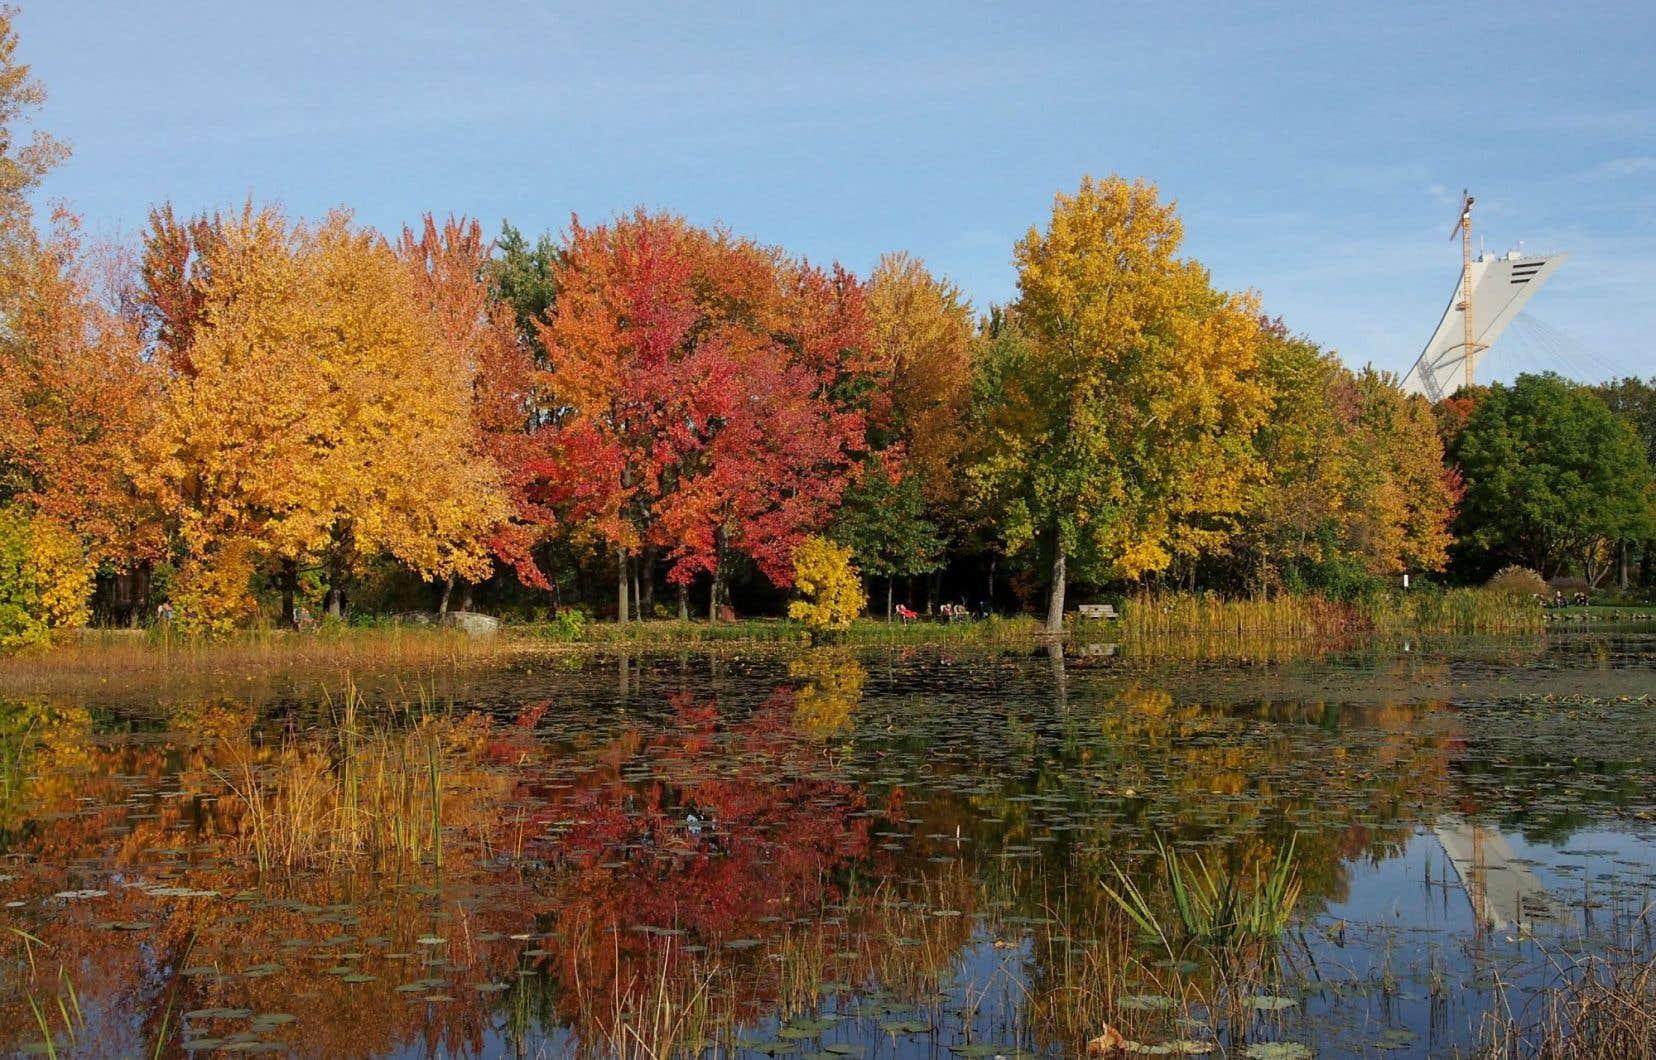 Les rouges, les oranges et les jaunes de l'automne annoncent la fin de la saison...